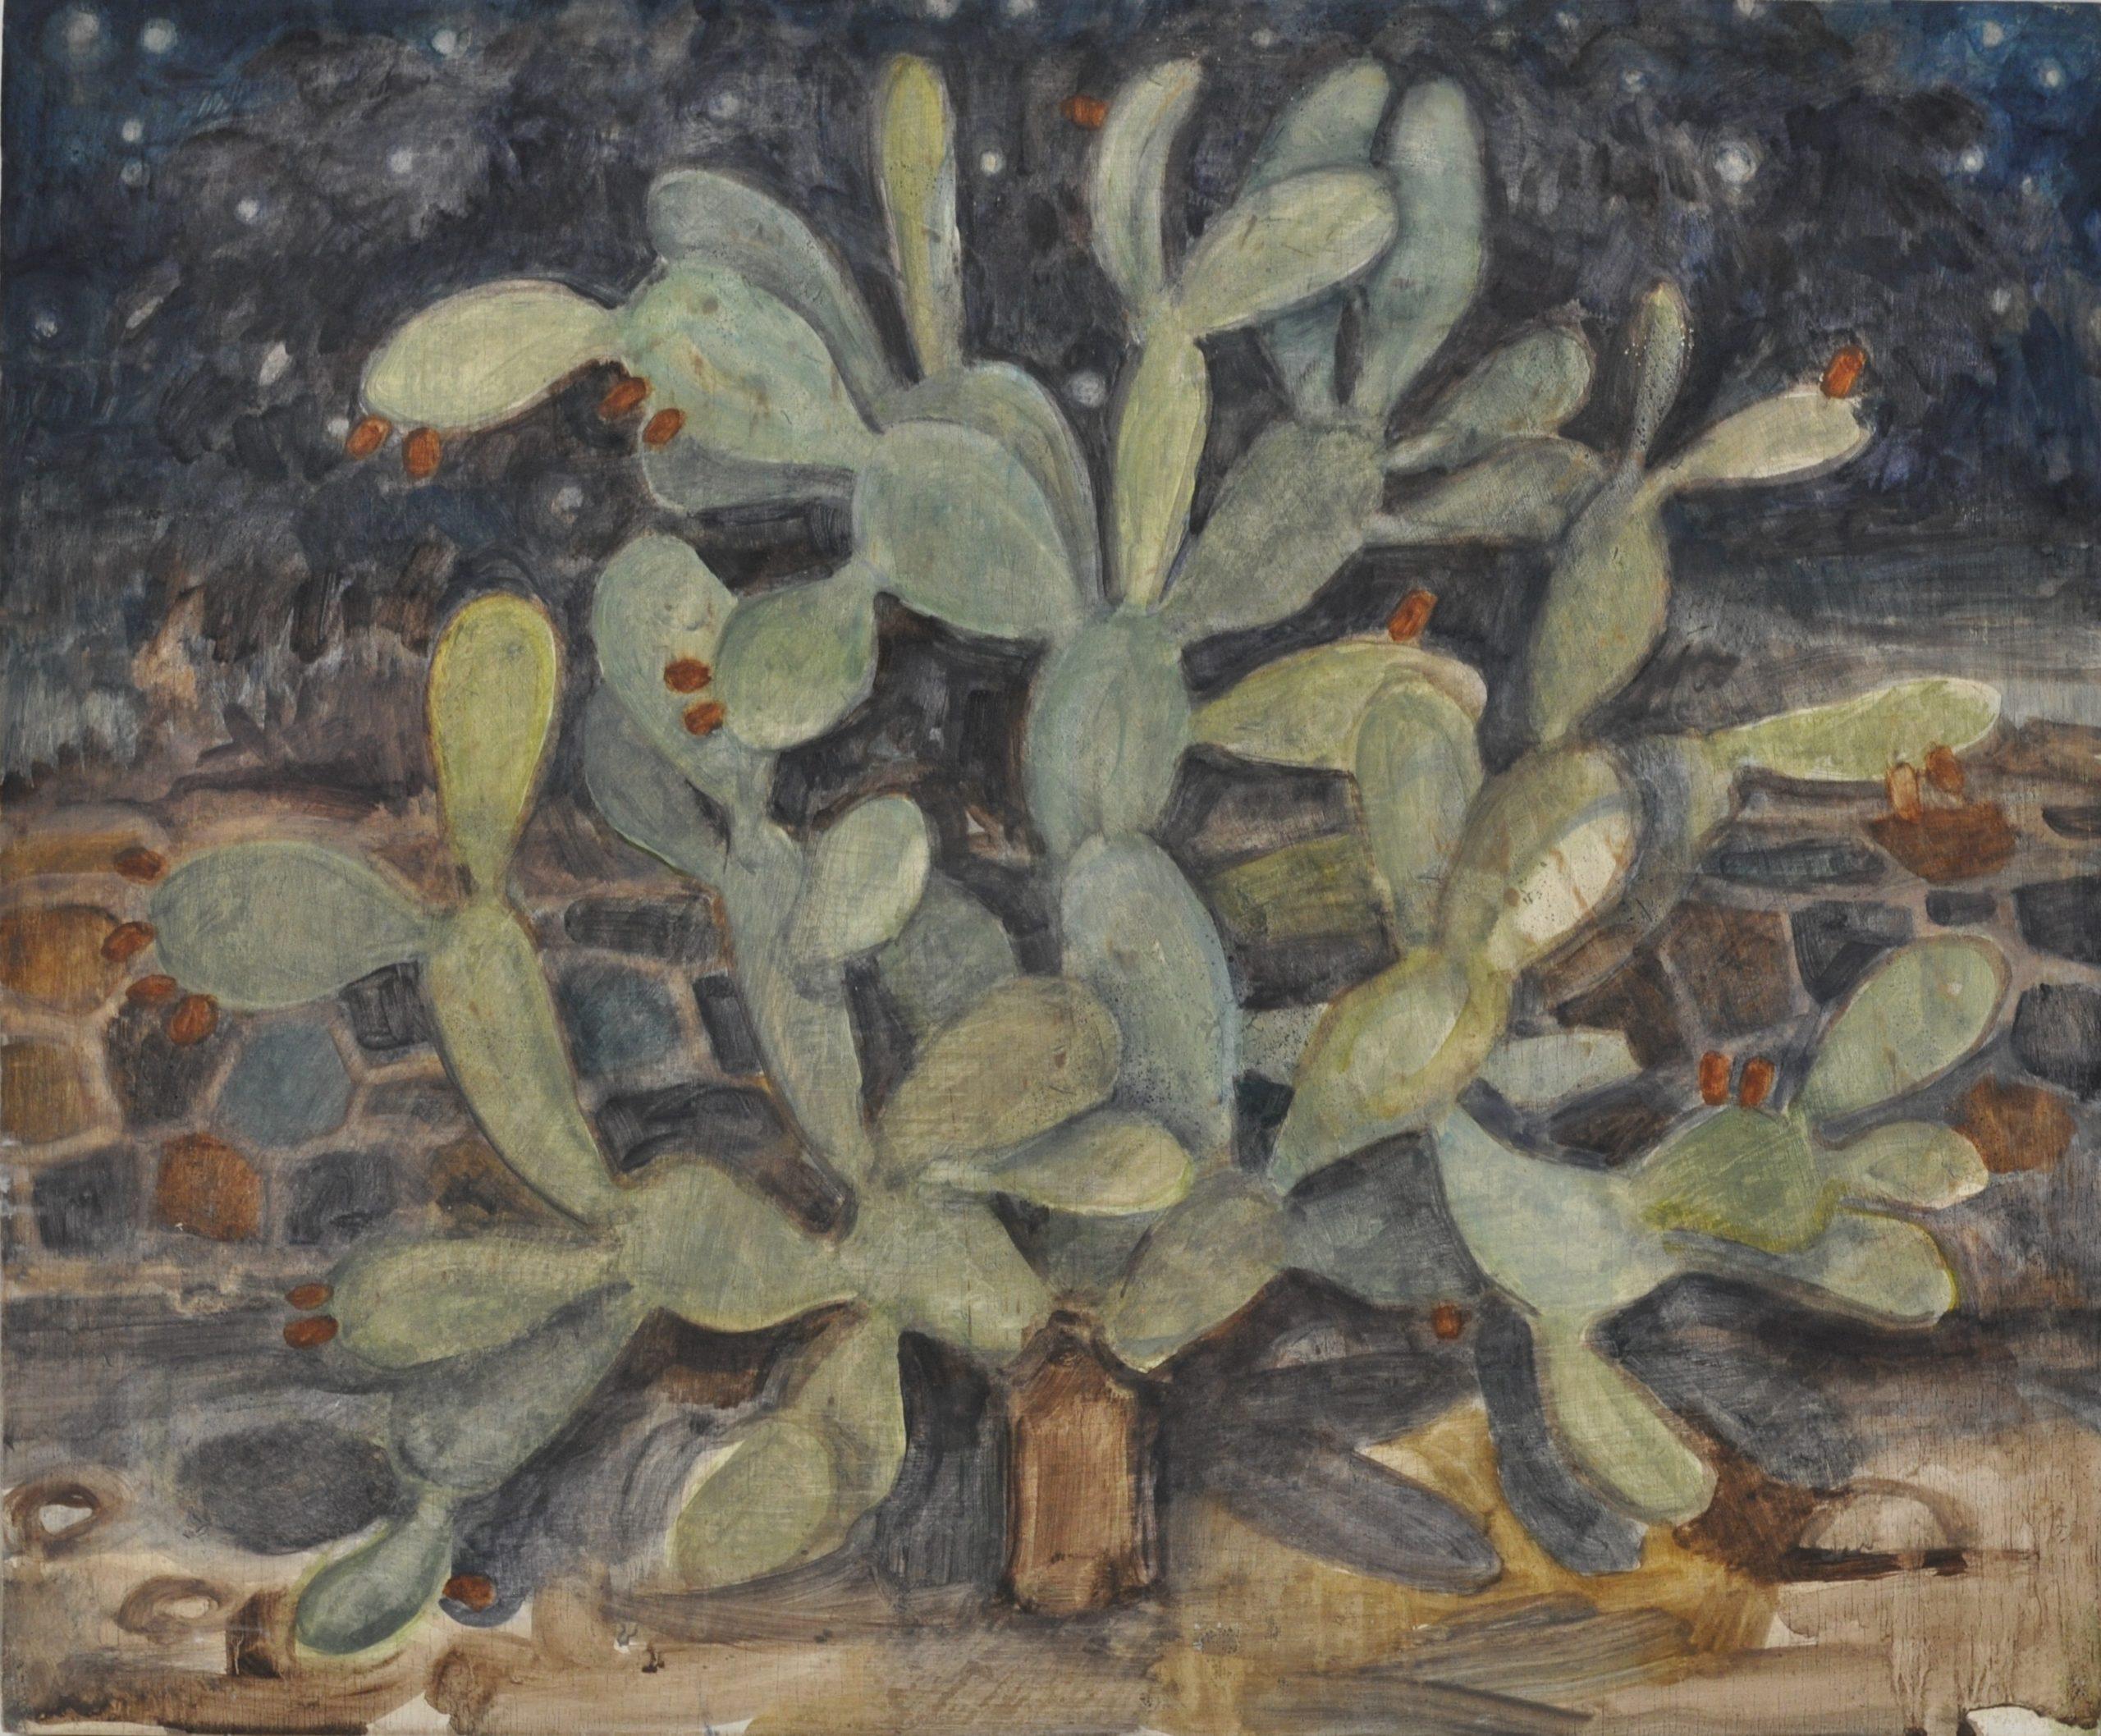 Cactus, Arad, nuit 2018, 38x46cm, oil on wood